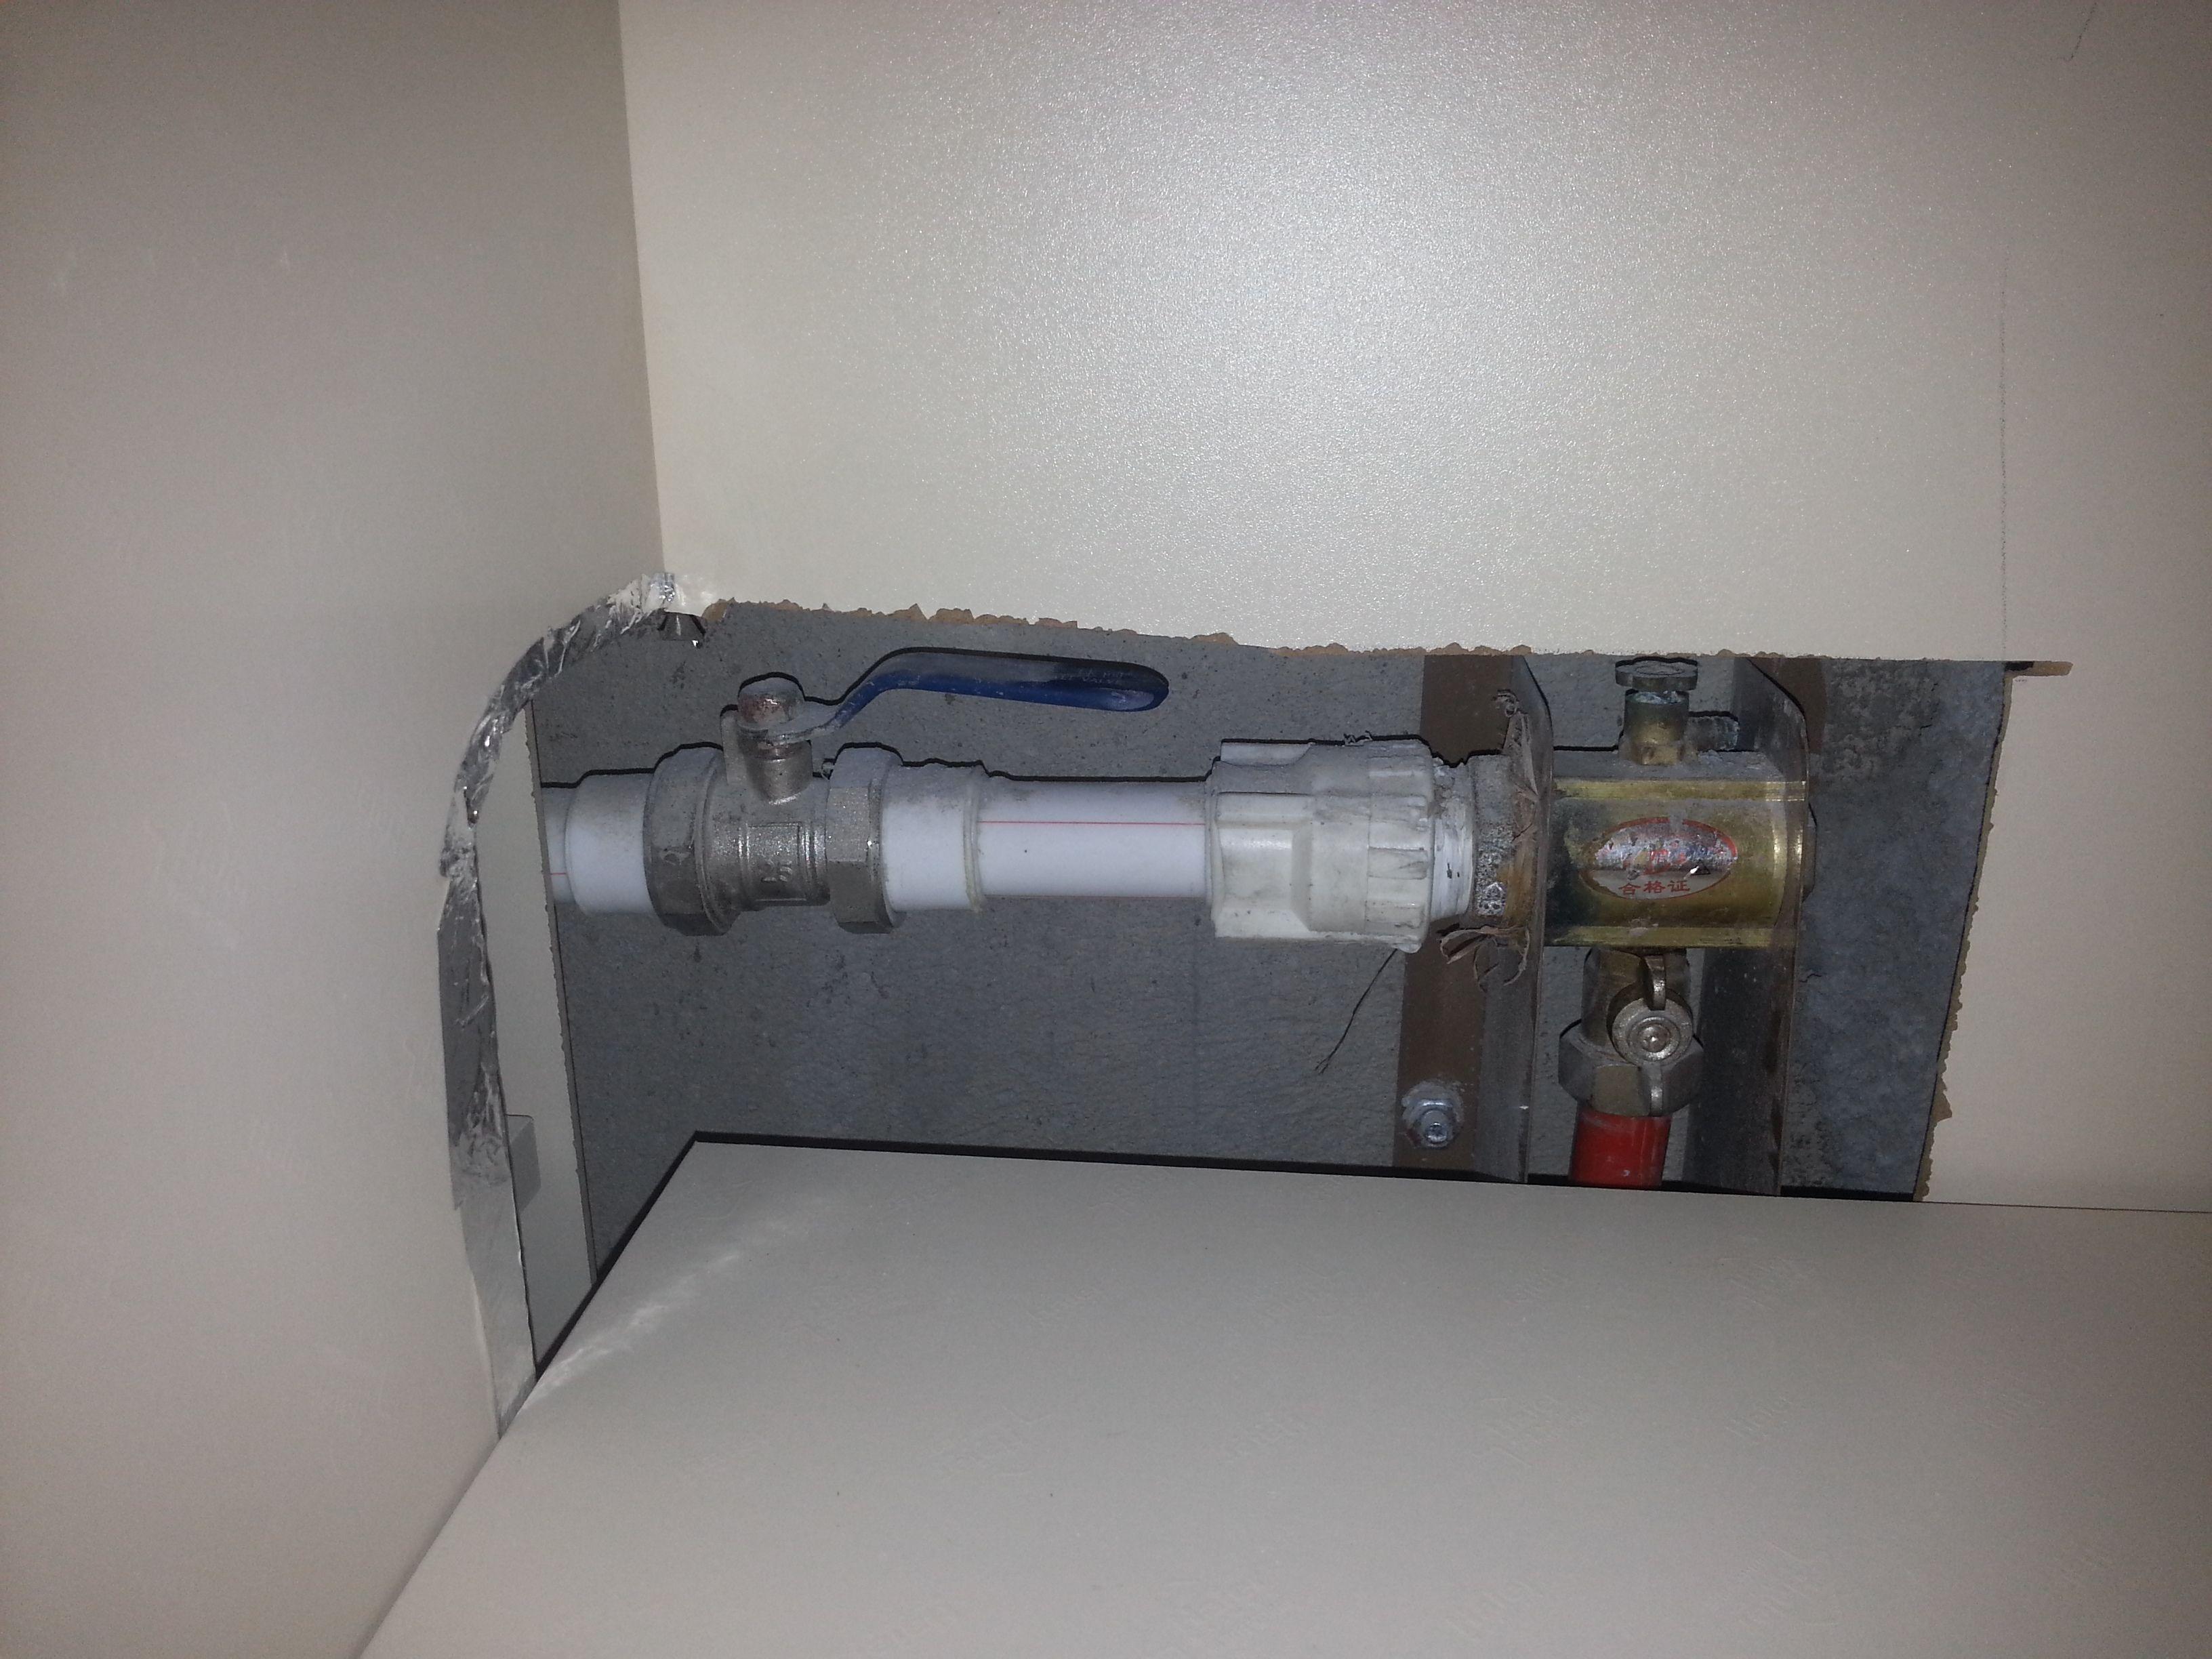 谁能帮我看看我家的地暖阀门是开的还是关的啊?图片